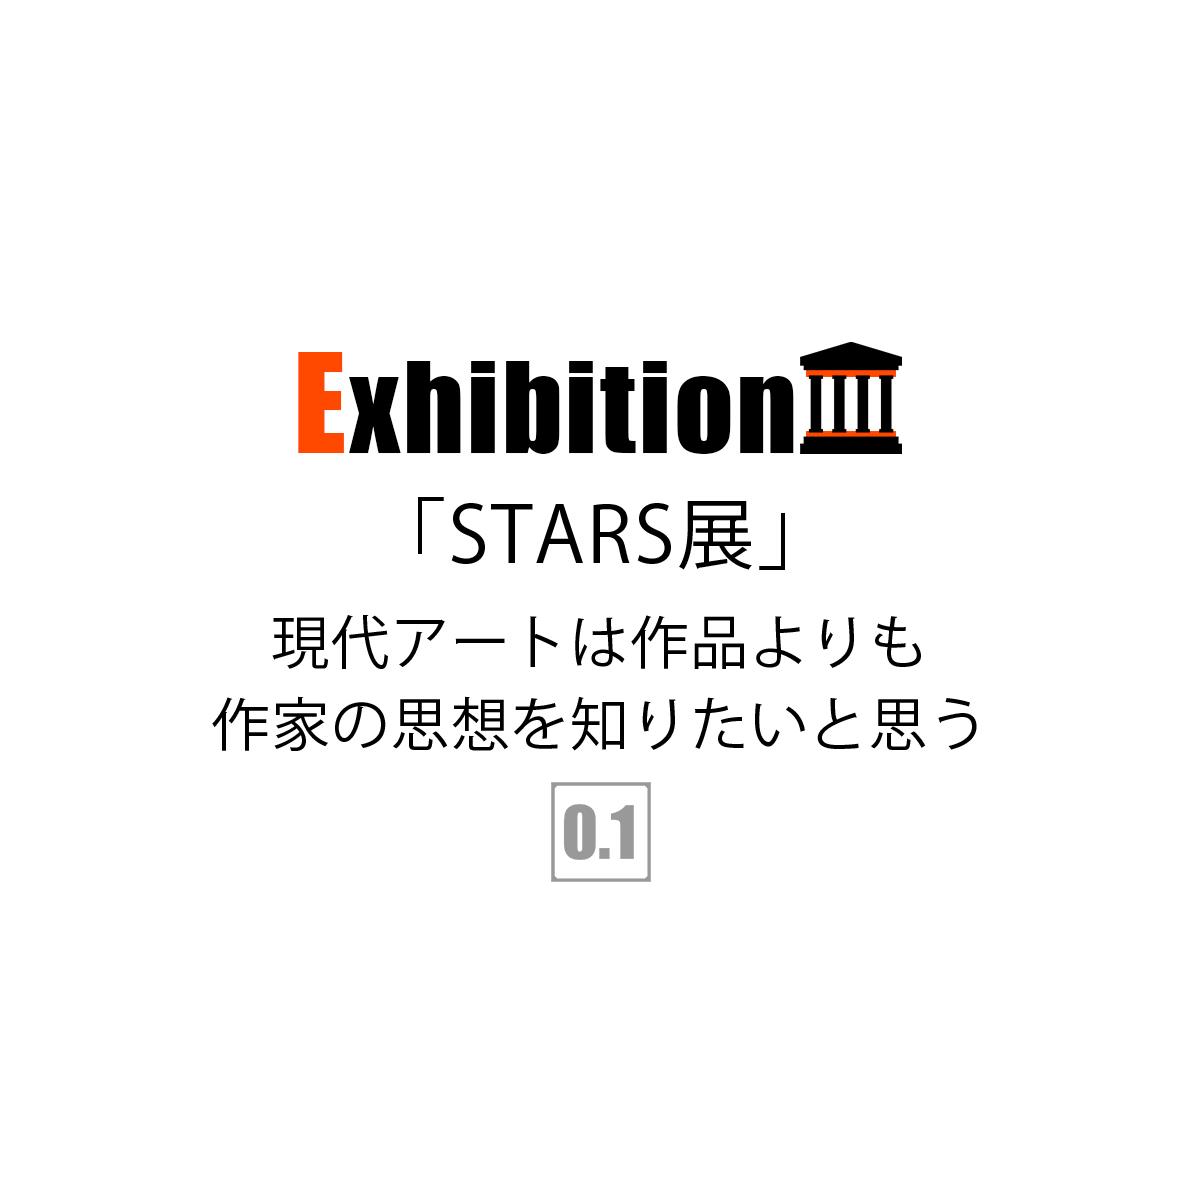 「STARS展」から作品そのものよりも、作家の考え方への興味を得る